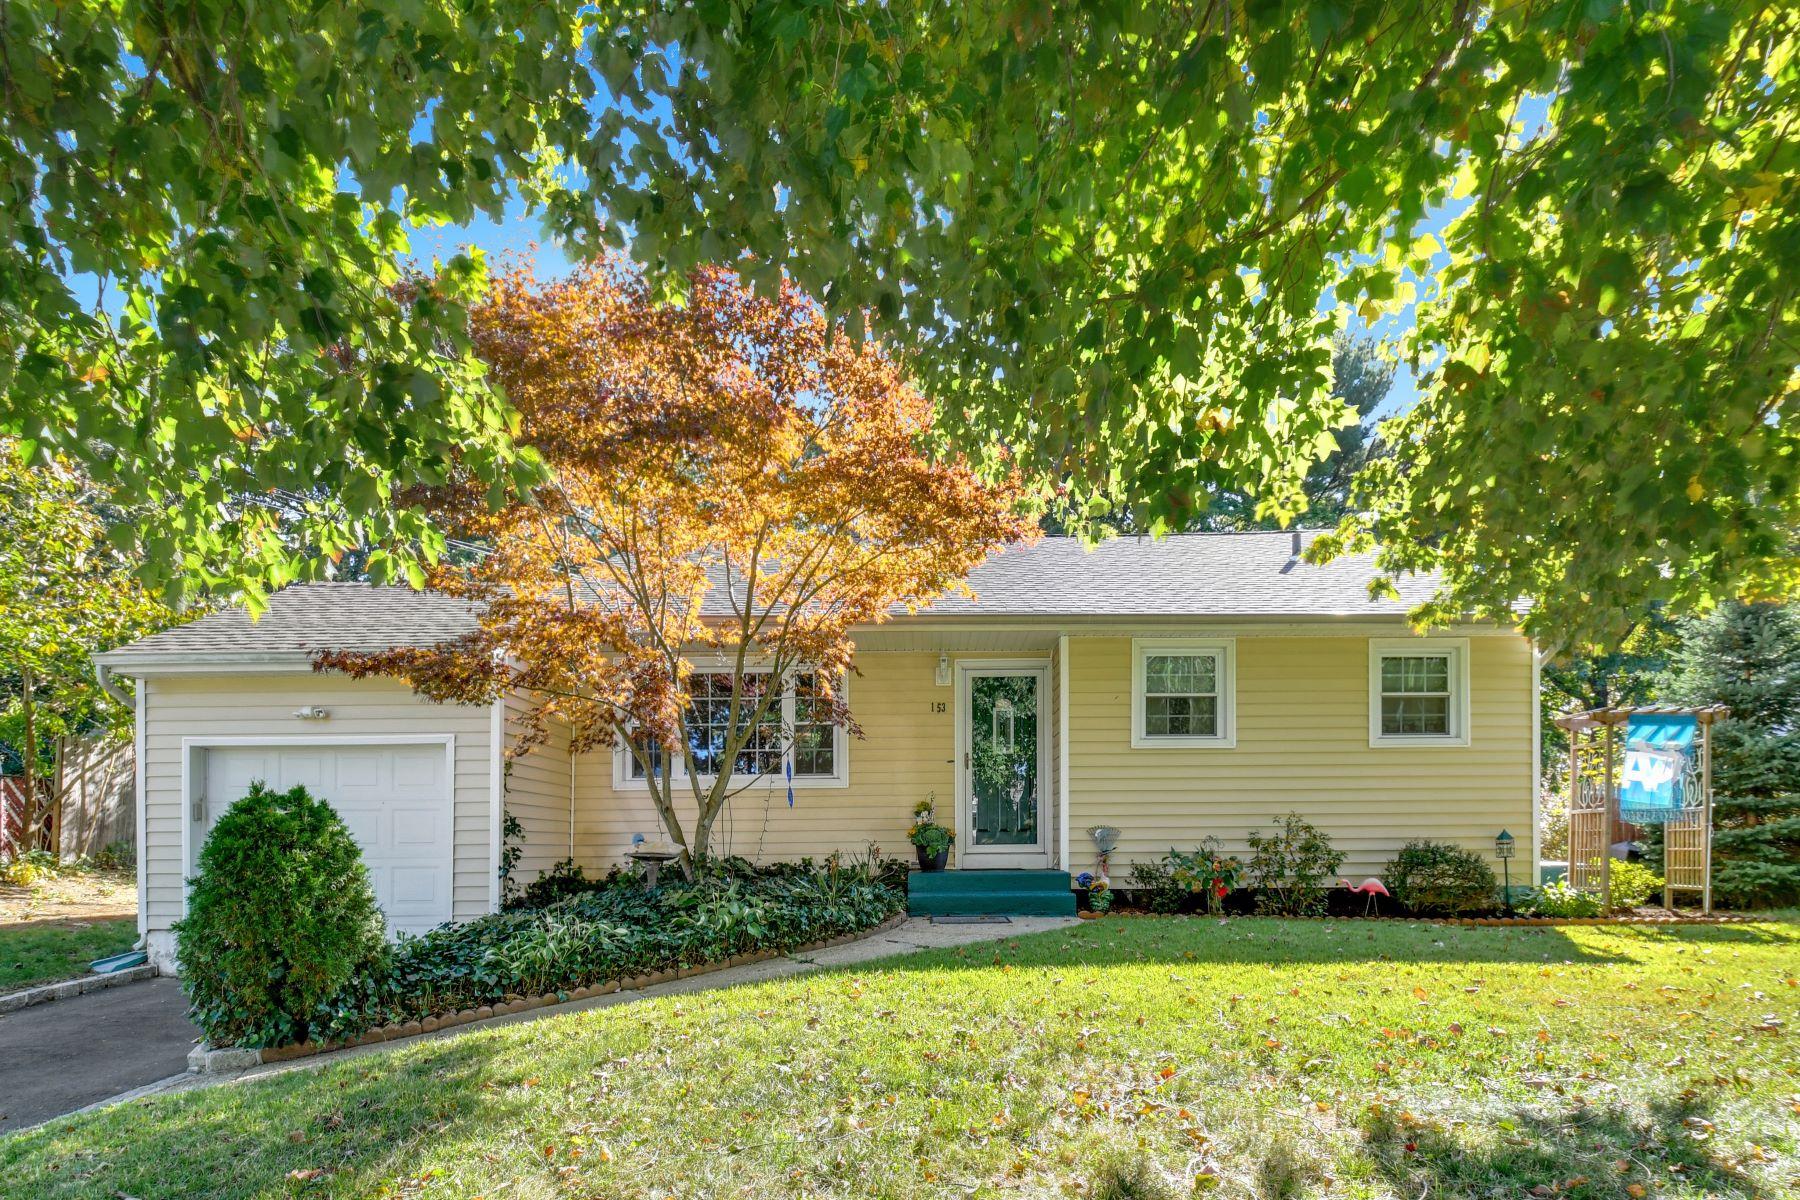 Single Family Homes für Verkauf beim Smithtown 153 Saint Nicholas Ave, Smithtown, New York 11787 Vereinigte Staaten